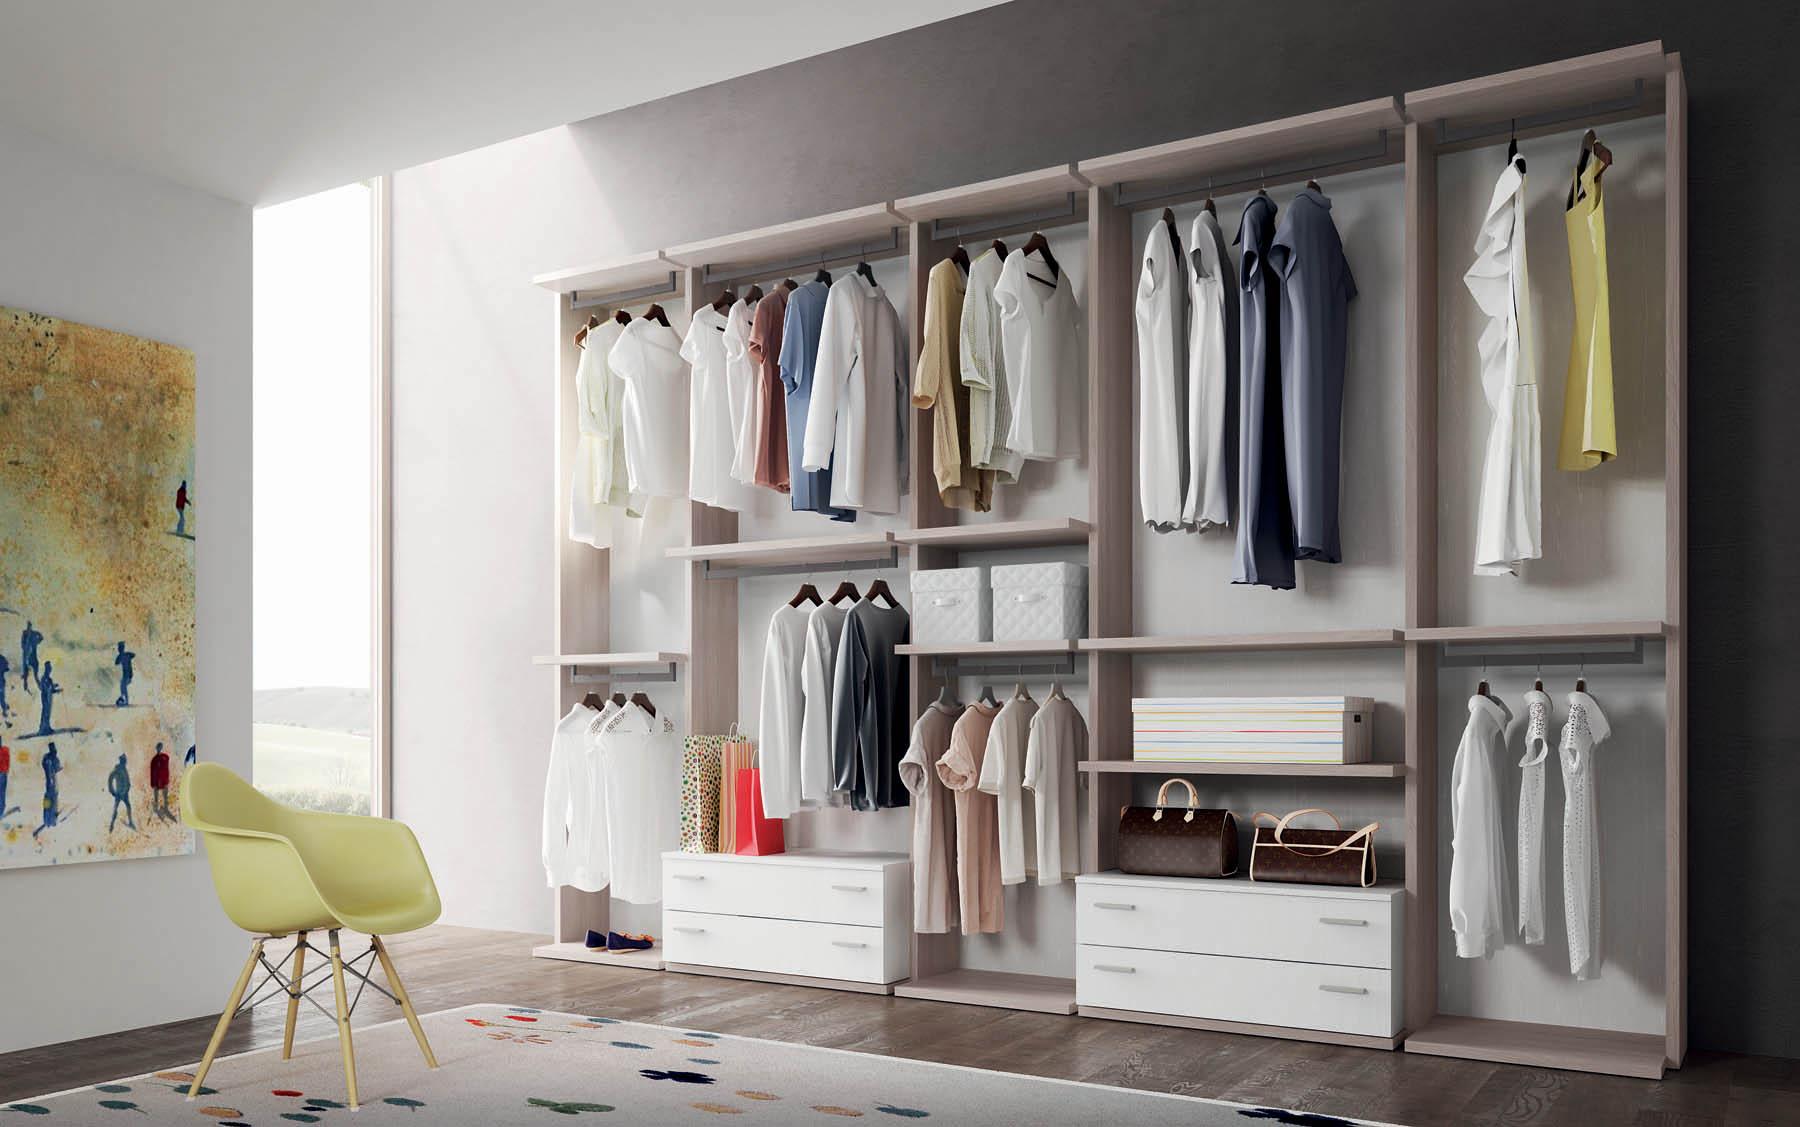 Cabina armadio armadi e cabine mistral for Ikea armadio angolare